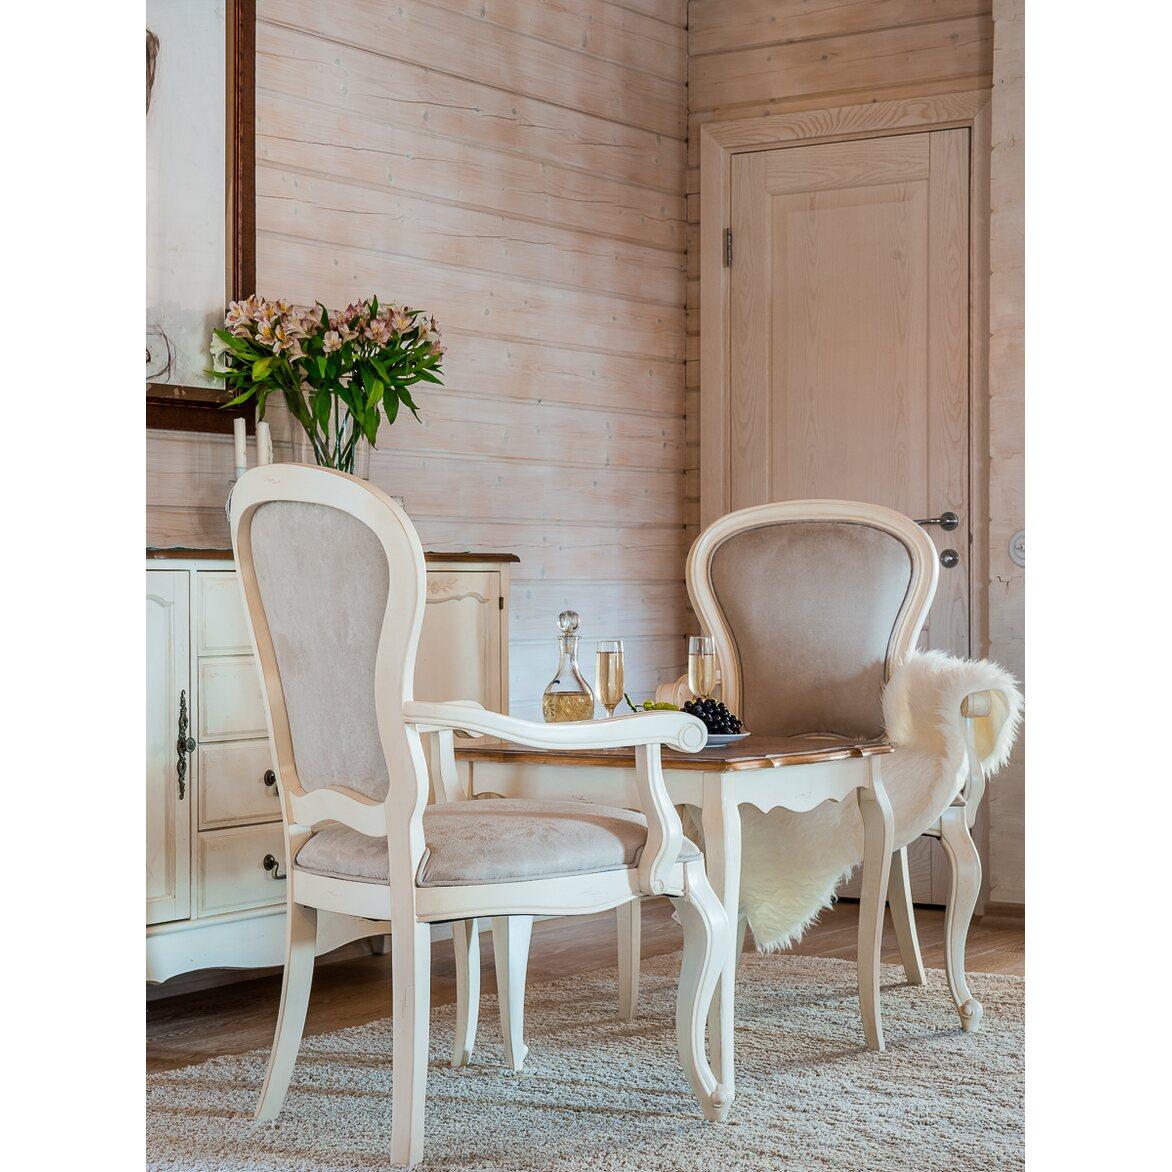 Чайный столик (квадратный) Leontina, бежевого цвета 3 | Журнальные столики Kingsby